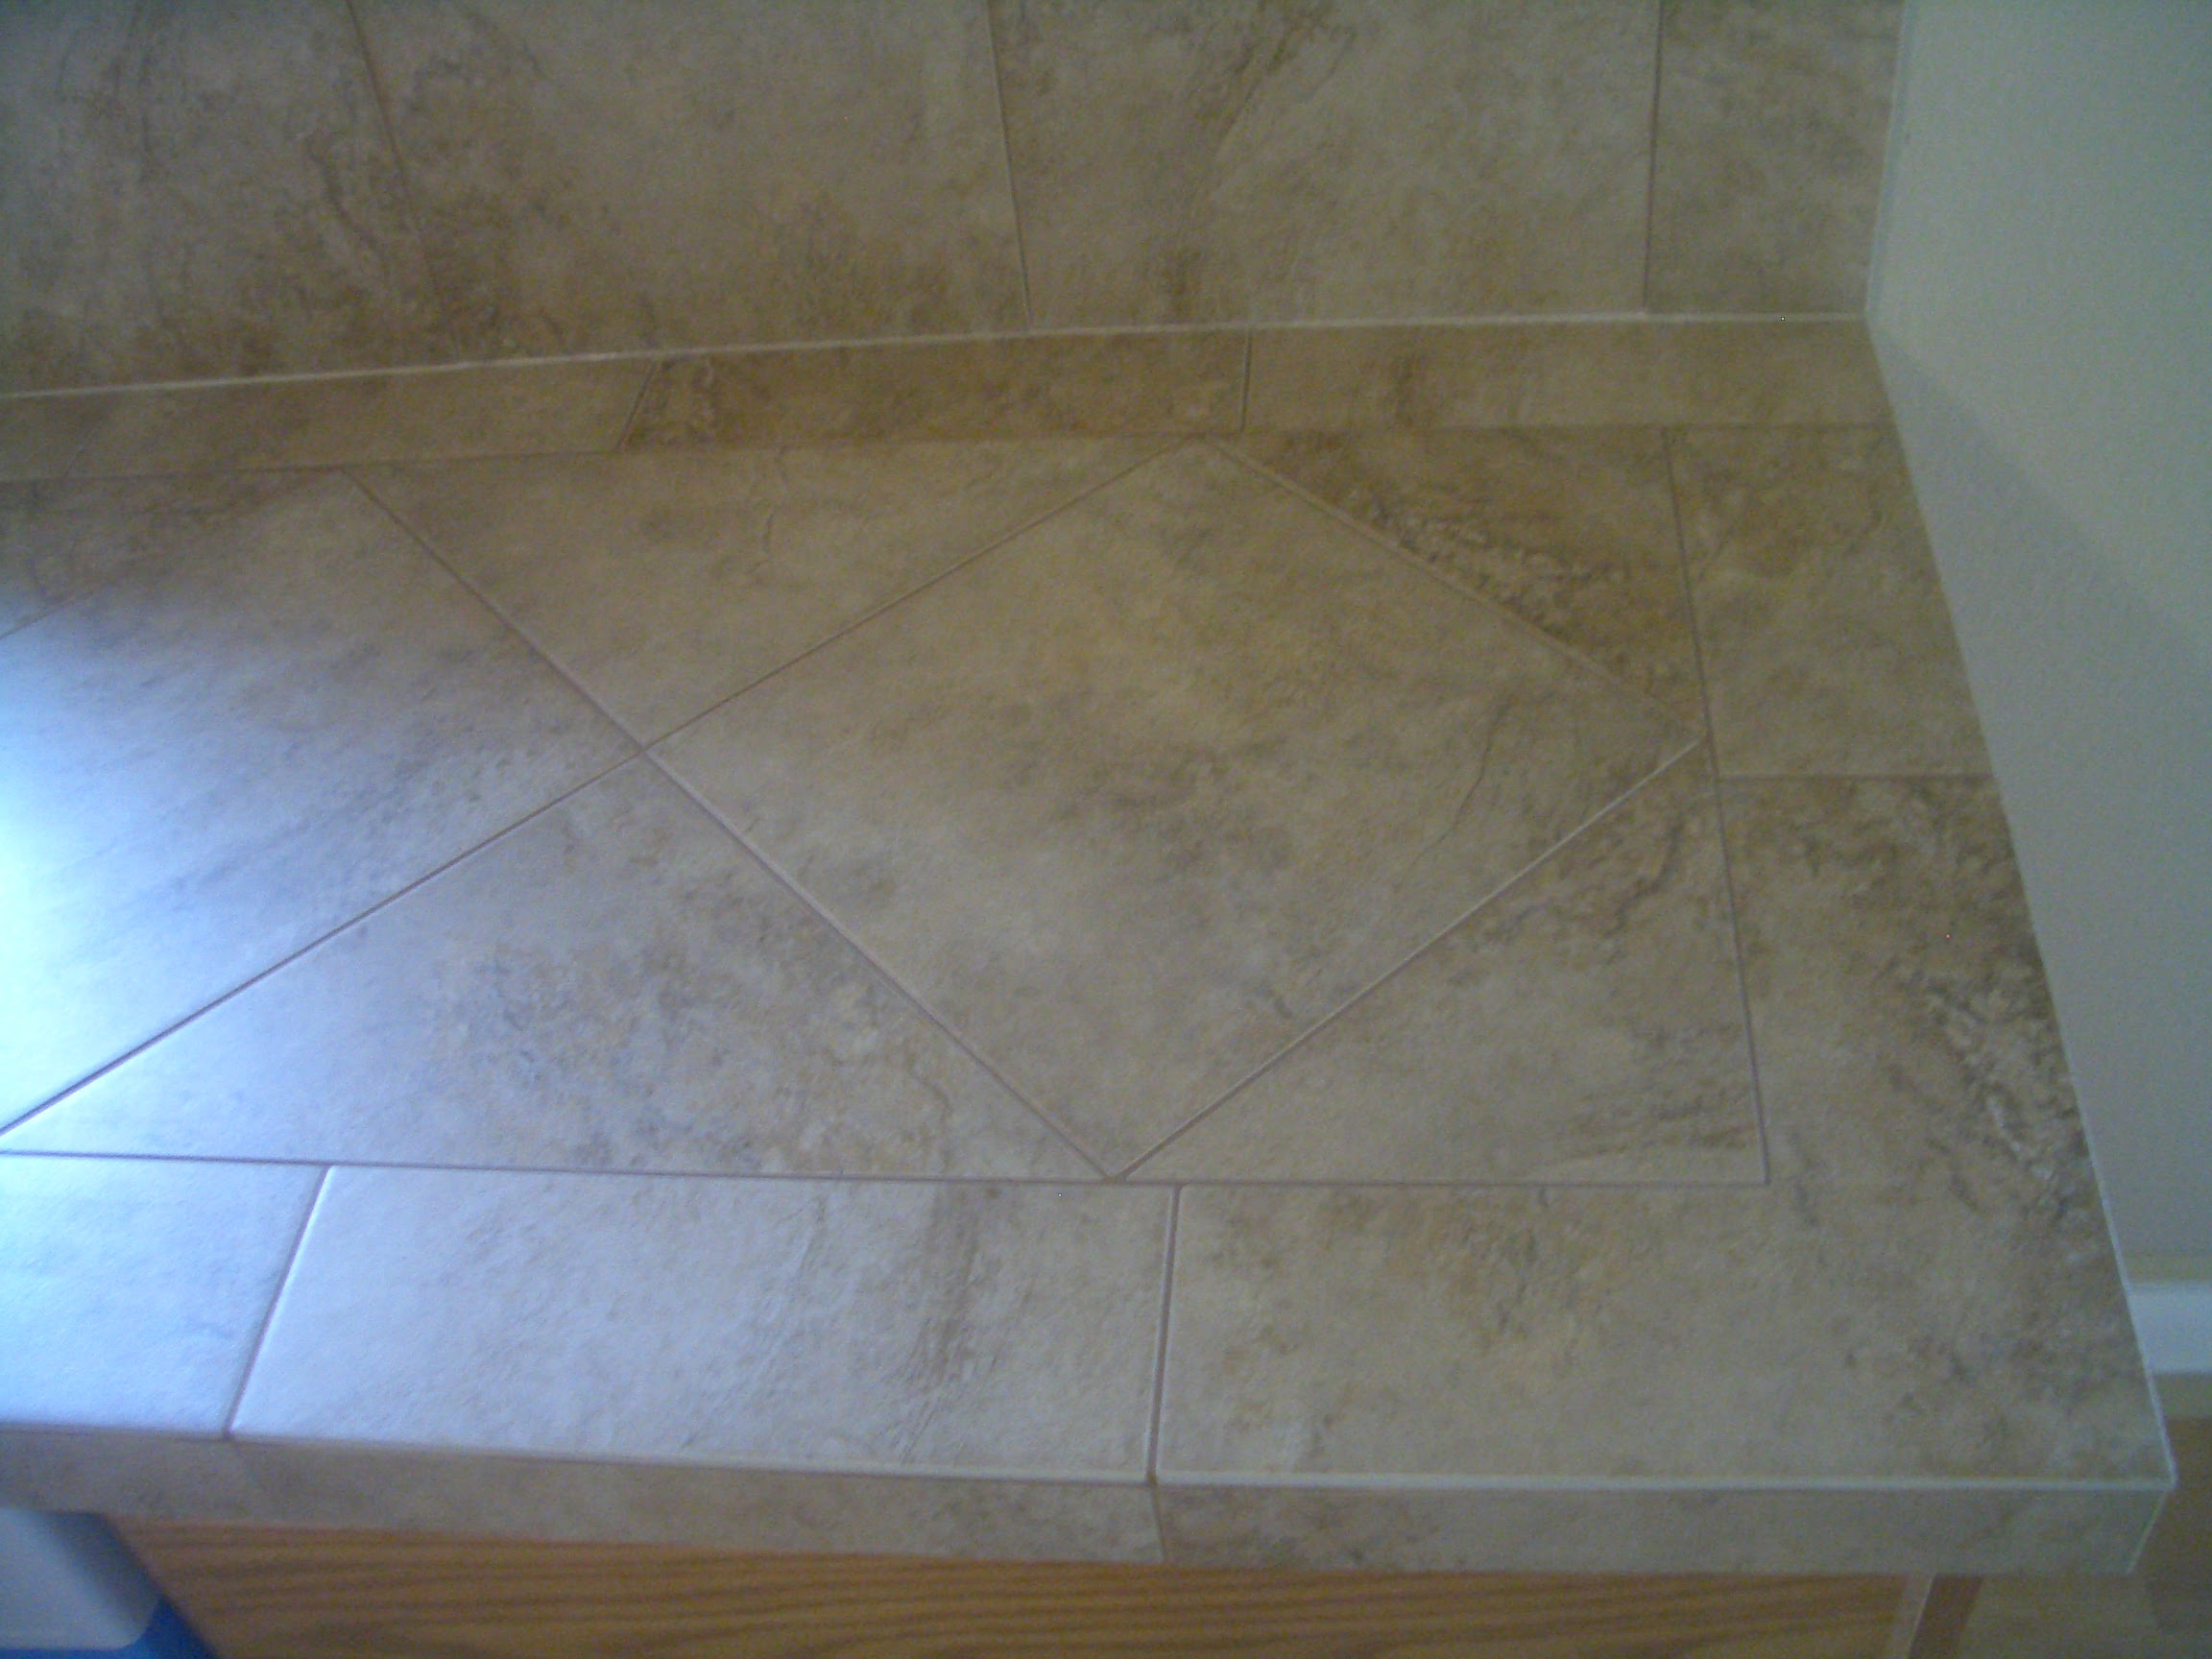 Tile Countertop Home Decor And Interior Design